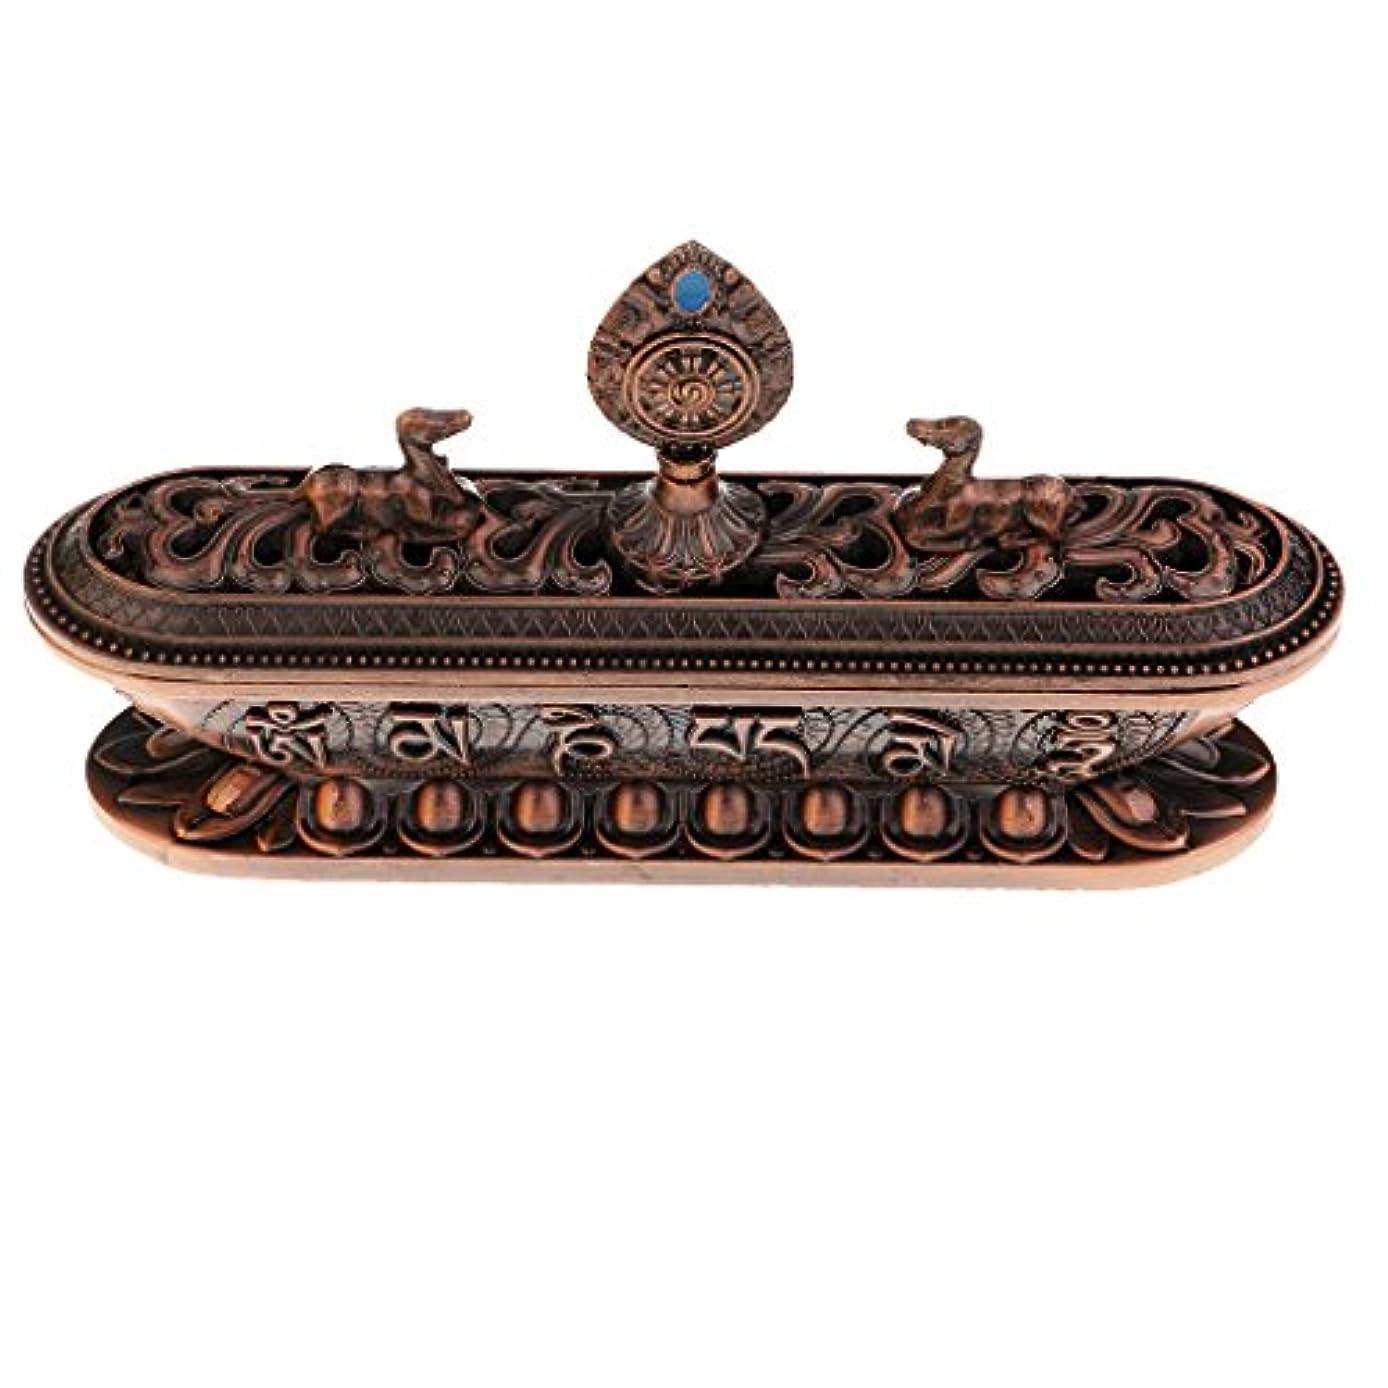 排除する弱点適切な仏教香炉バーナー 合金 テーブル ホーム インテリア 仏教用品 ホルダー 香炉 バーナー 合金 6タイプ選べる - #3